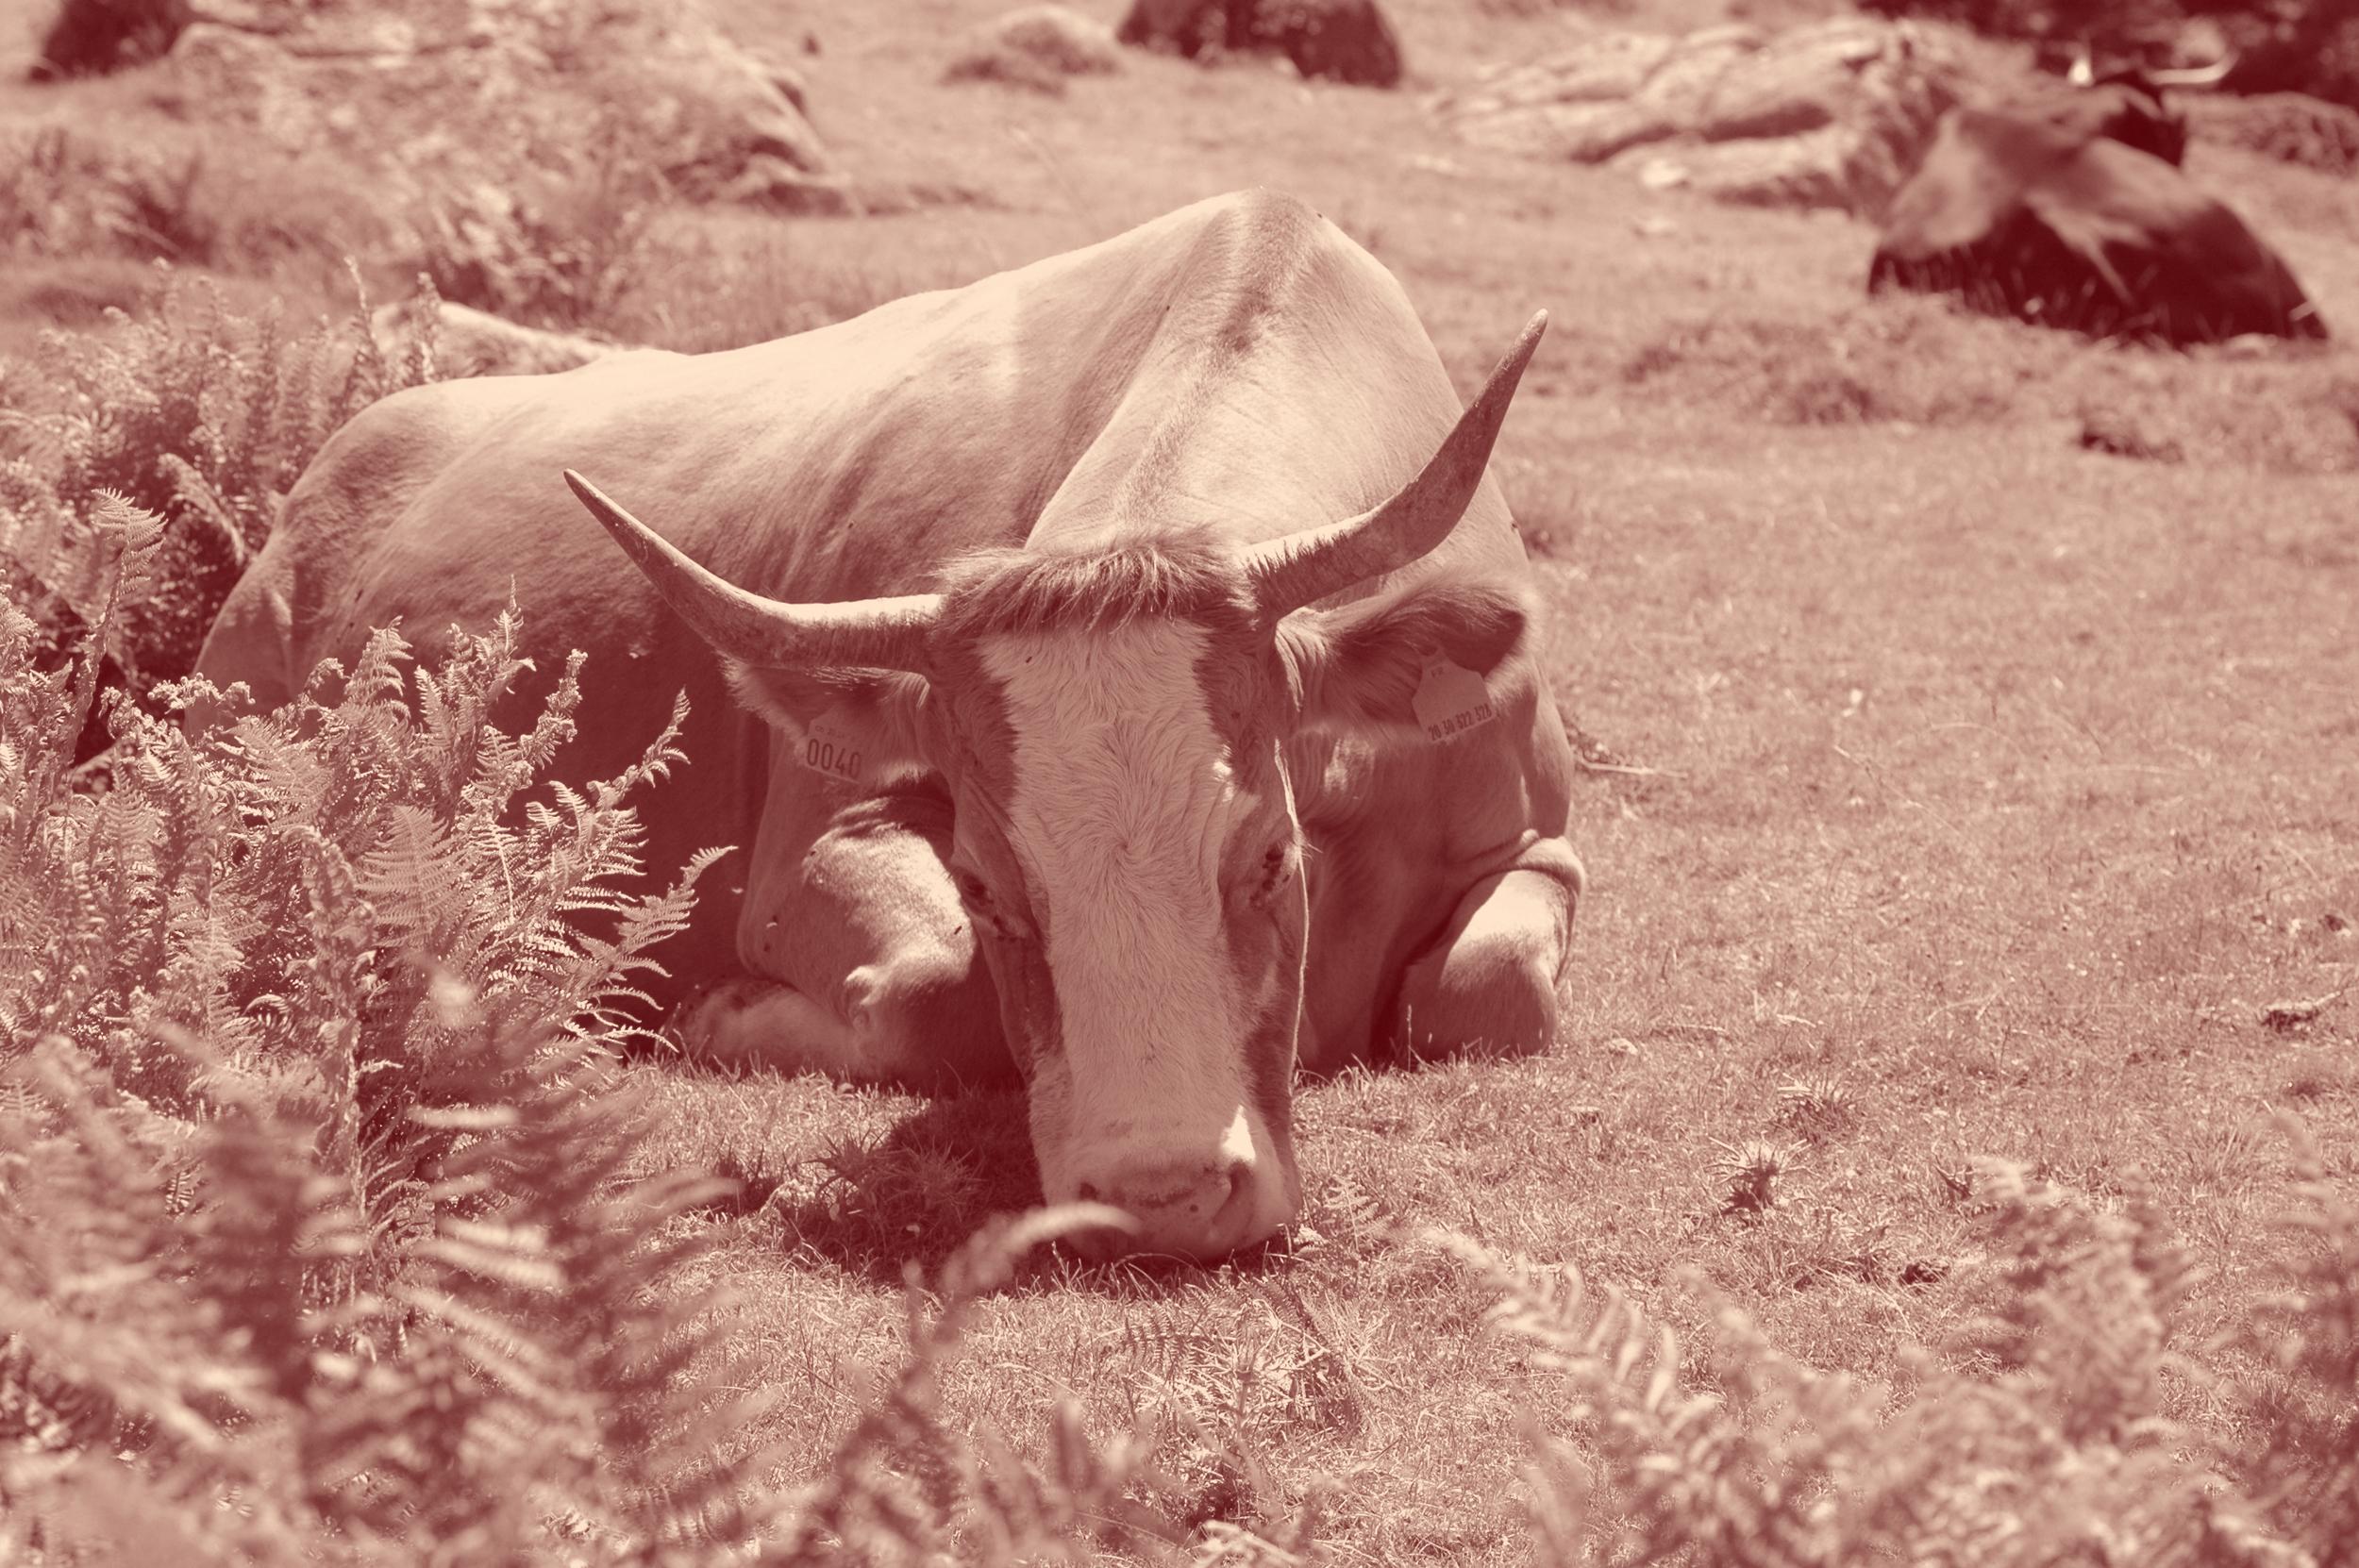 Vache broutant couchée.